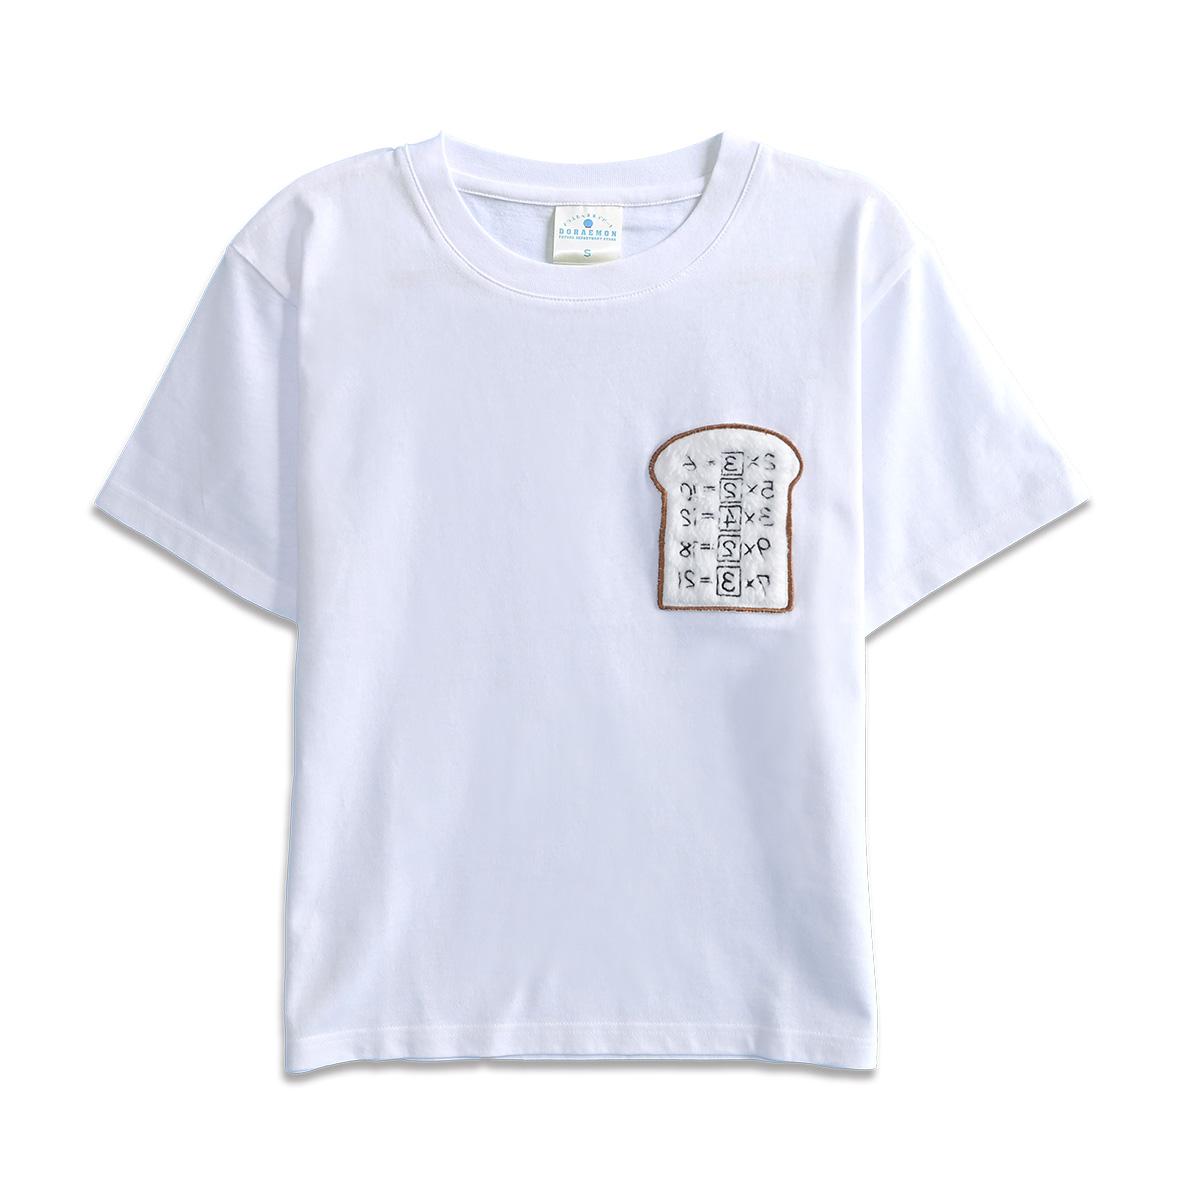 ドラえもん ポケットTシャツ アンキパン S